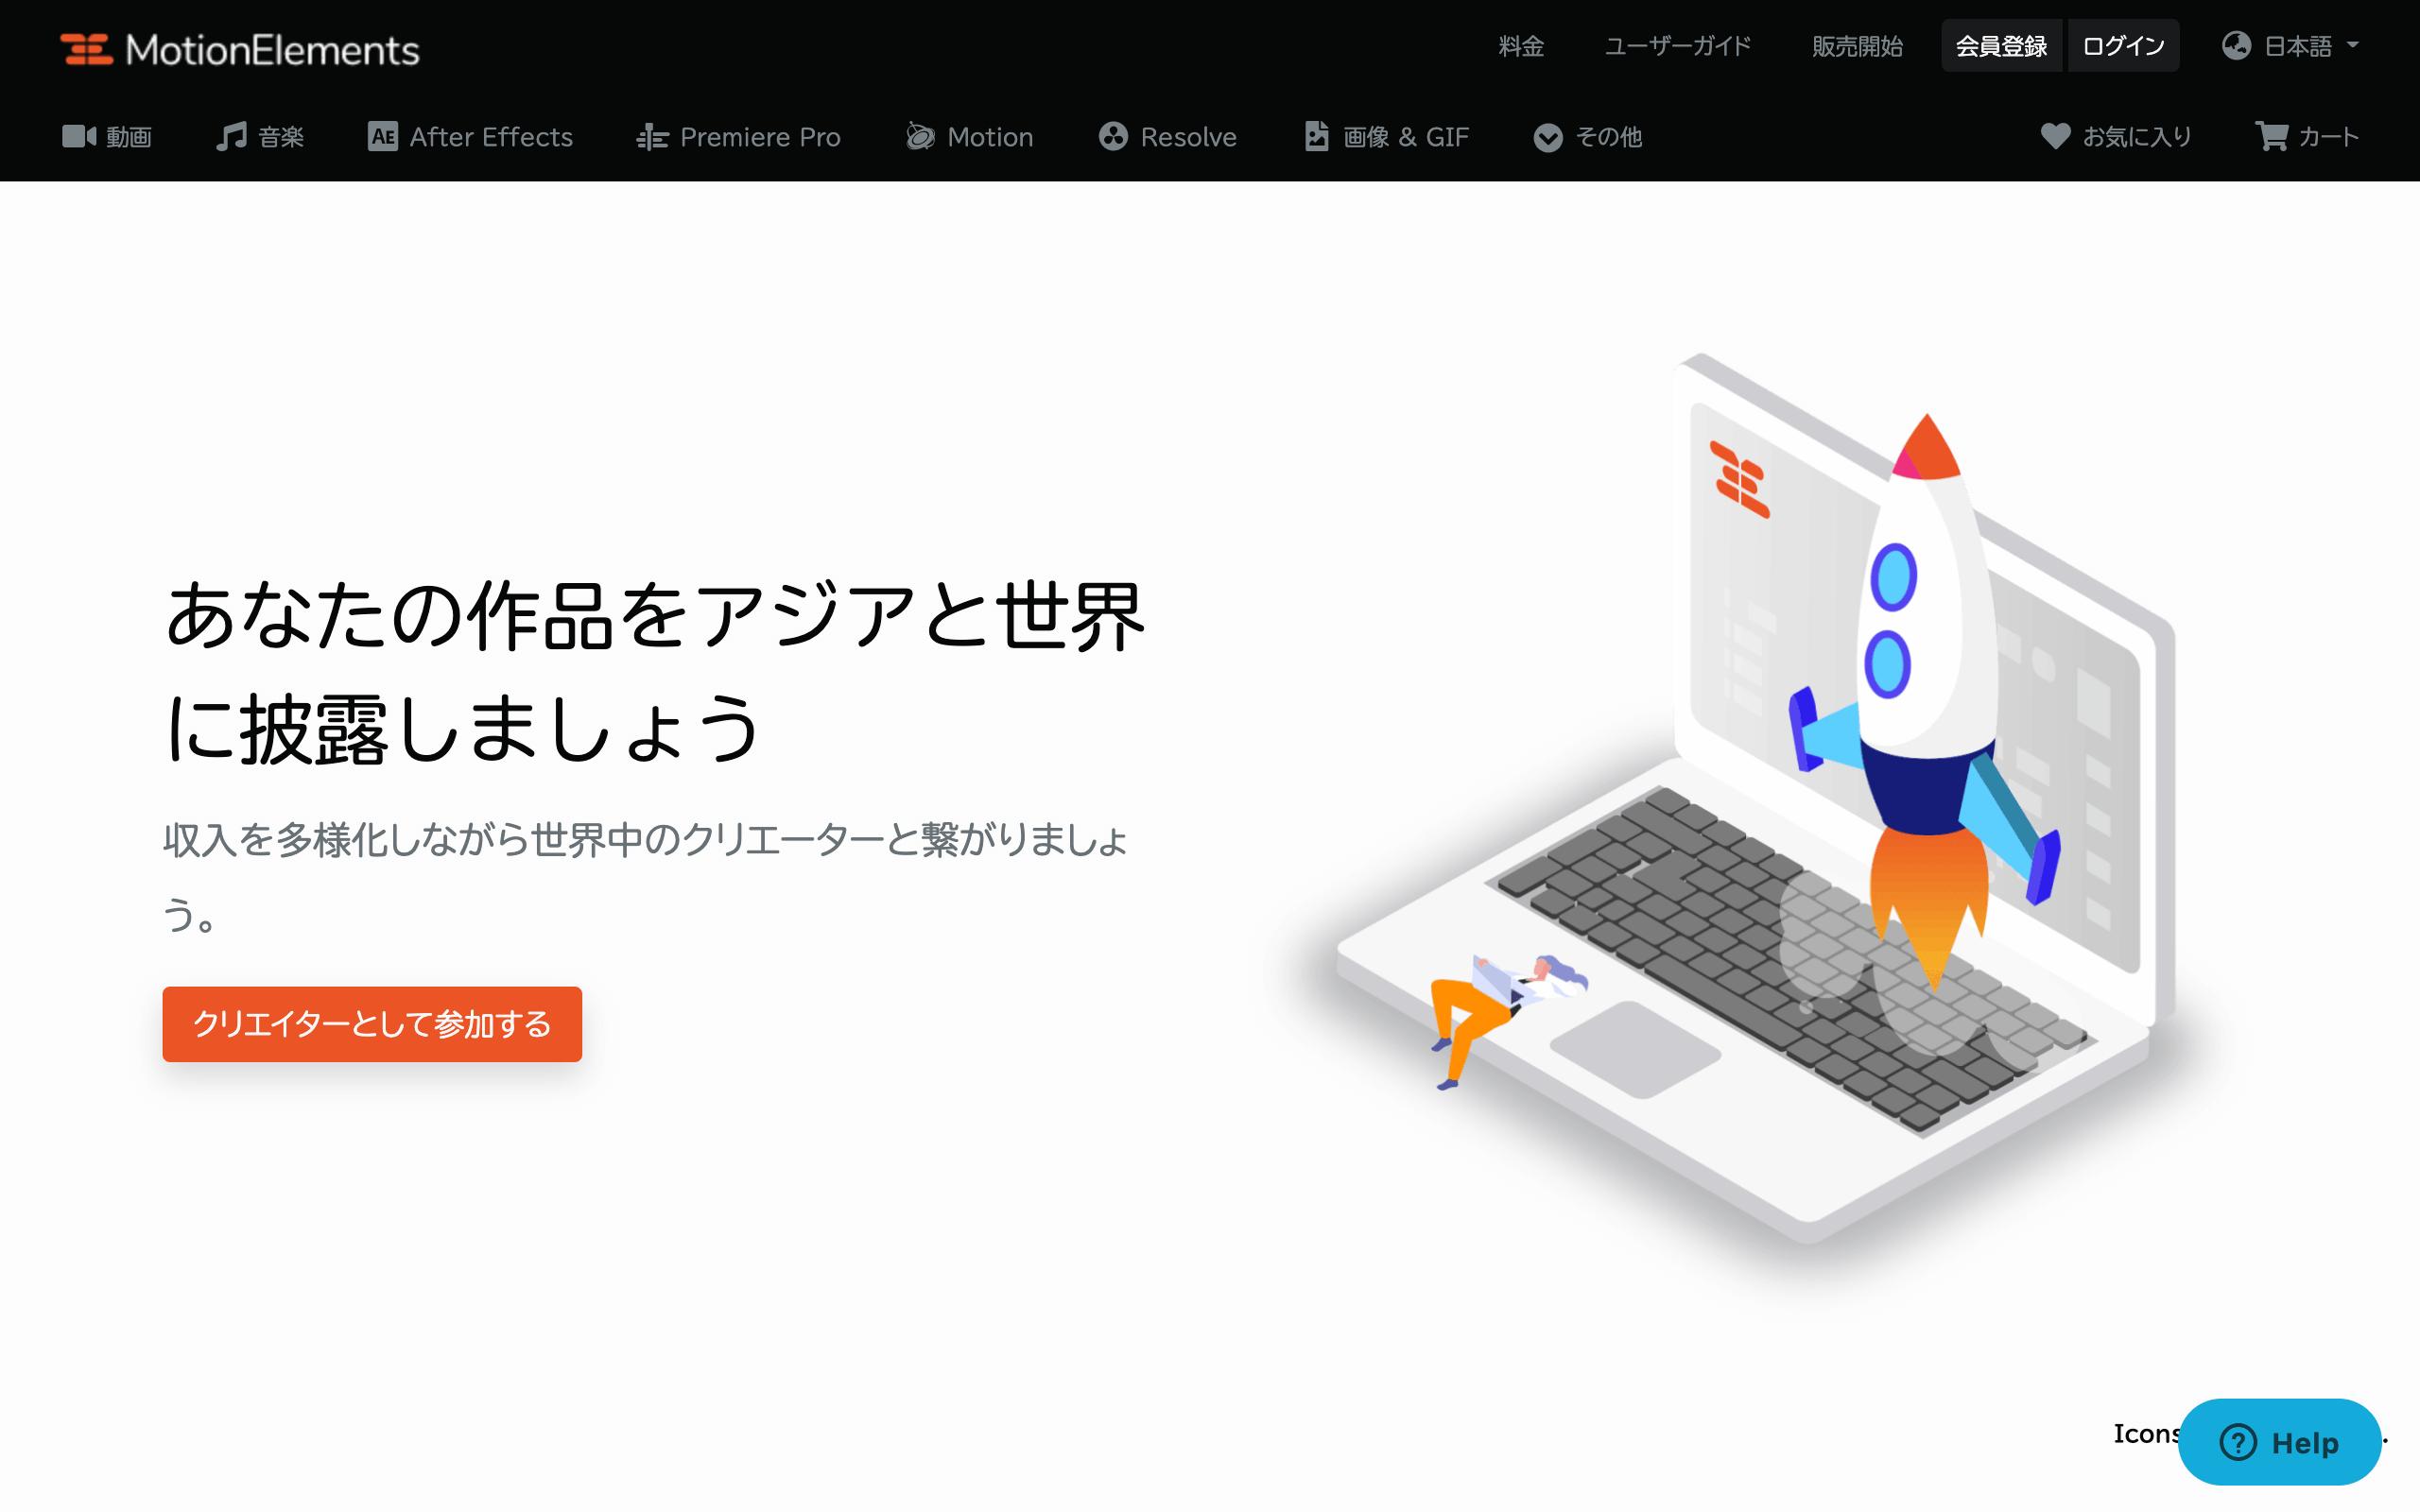 MotionElementsクリエイターTOPページ